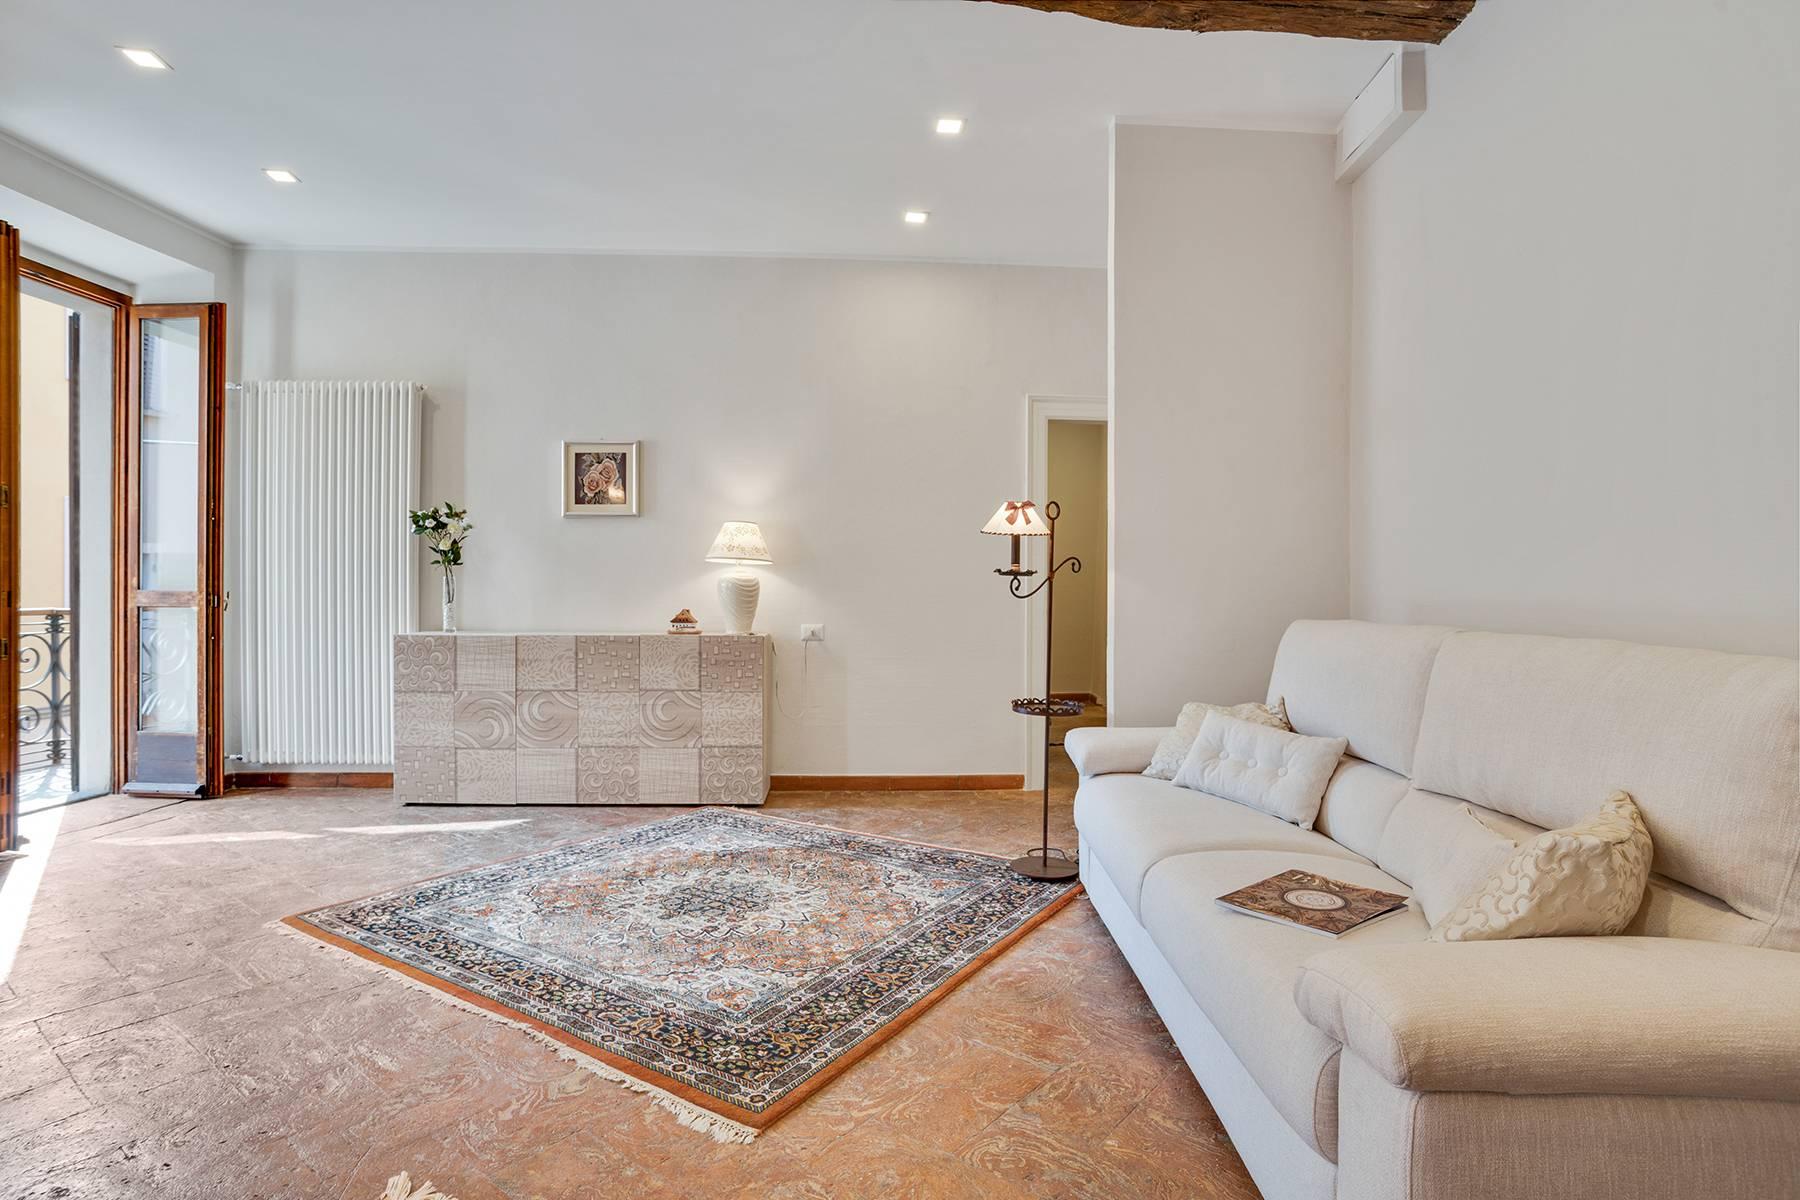 Appartamento in Affitto a Arona: 4 locali, 114 mq - Foto 9